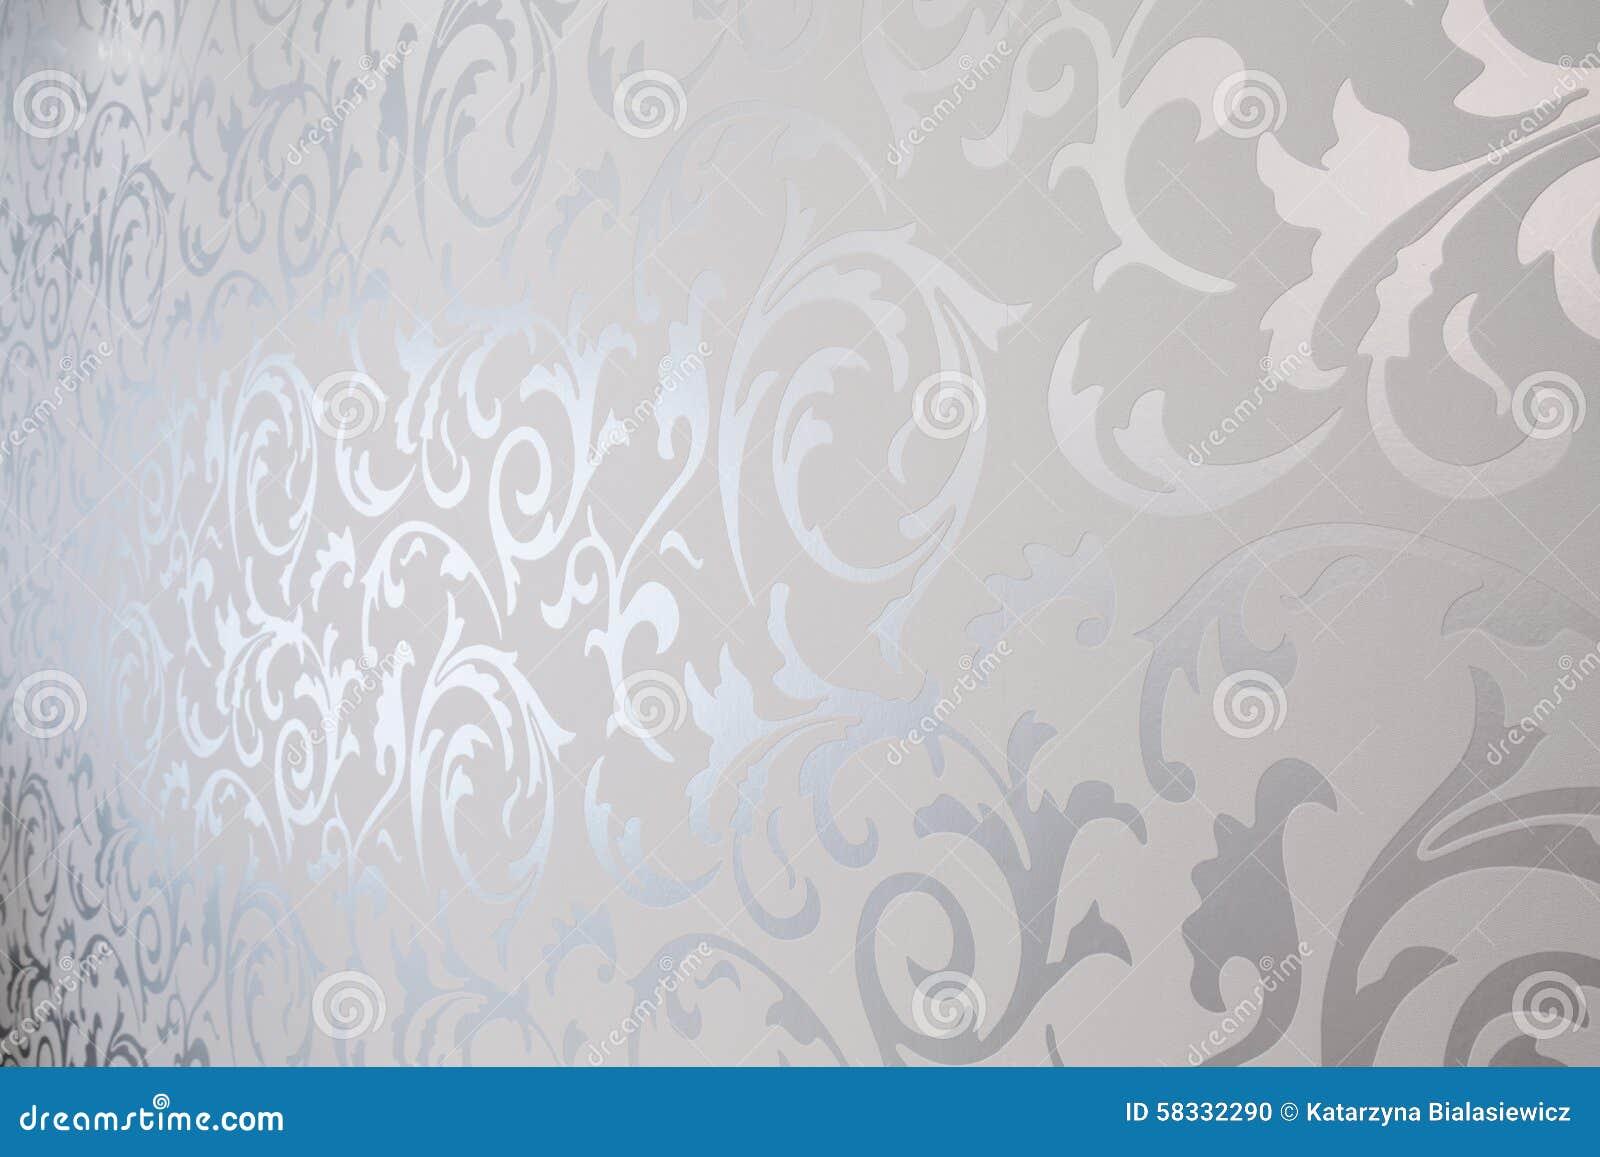 kopierte silberne tapete 58332290 - Silberne Tapete